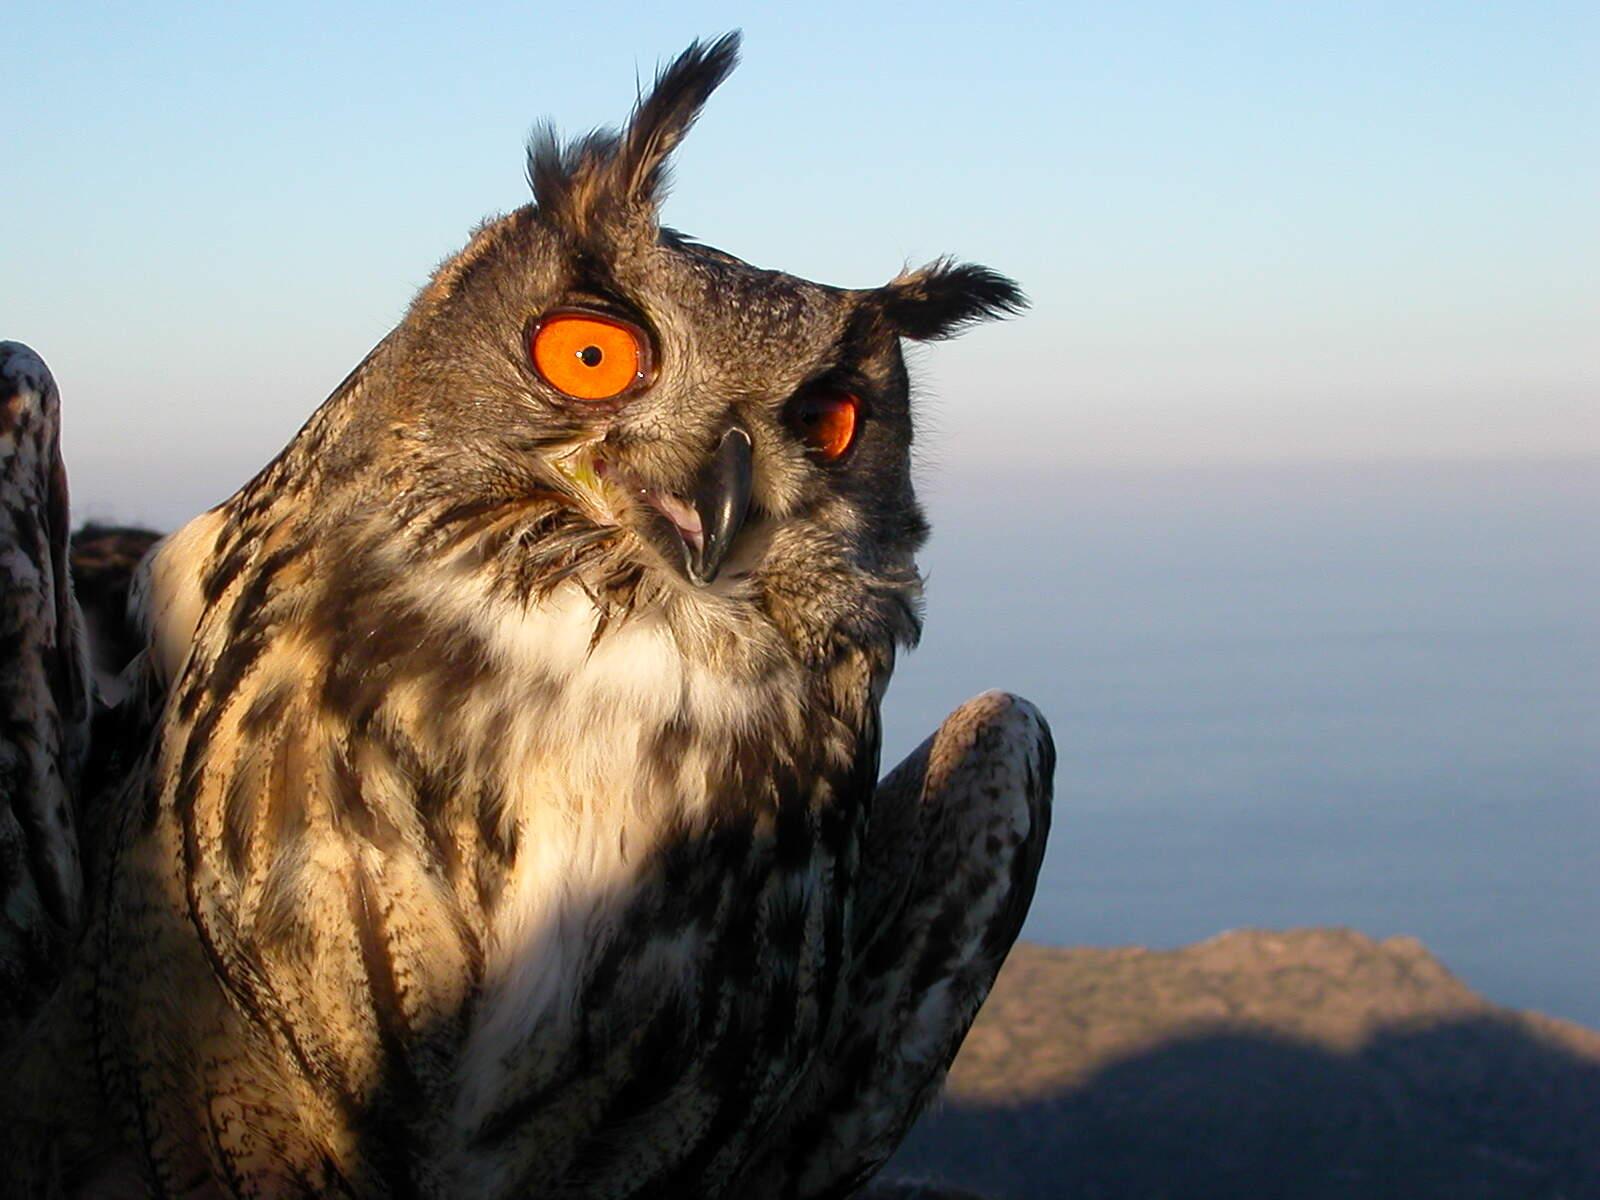 Un exemplar de duc al Parc Natural de Cap de Creus